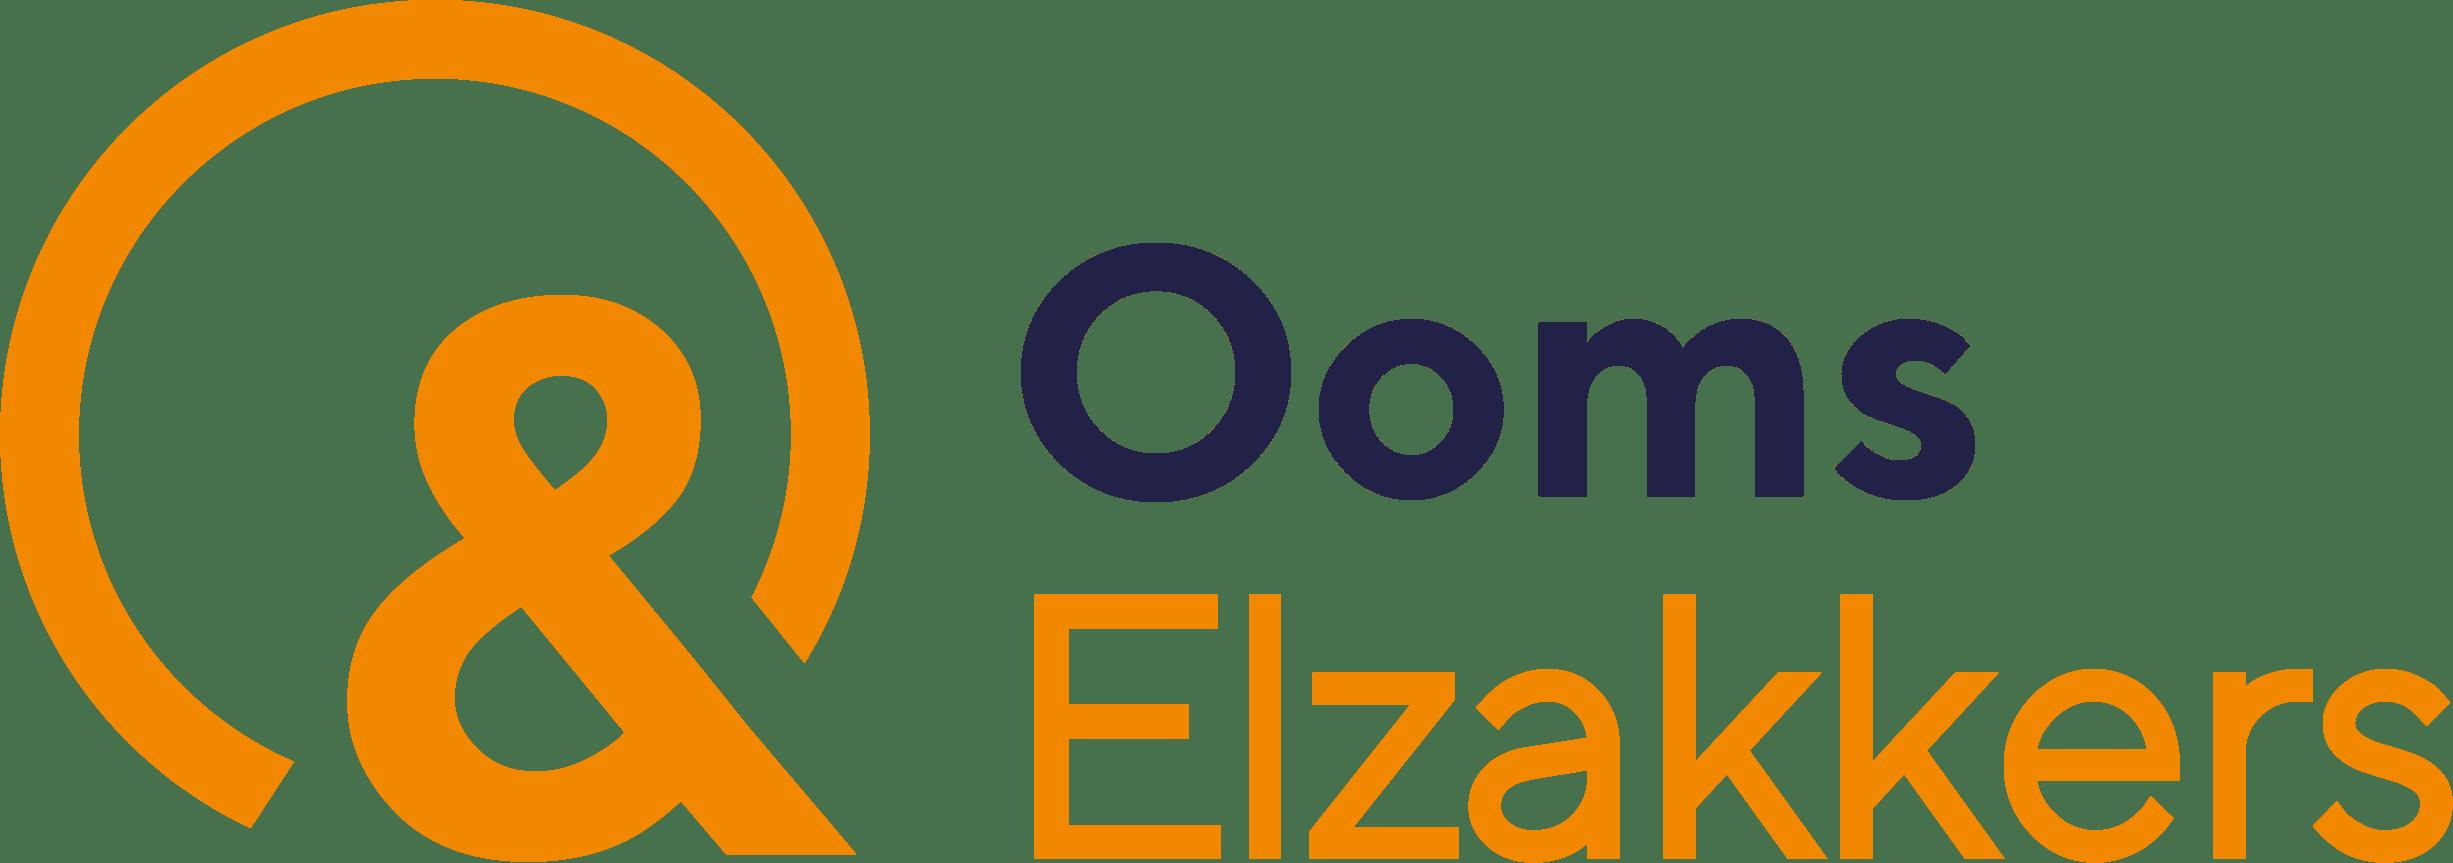 Ooms & Elzakkers